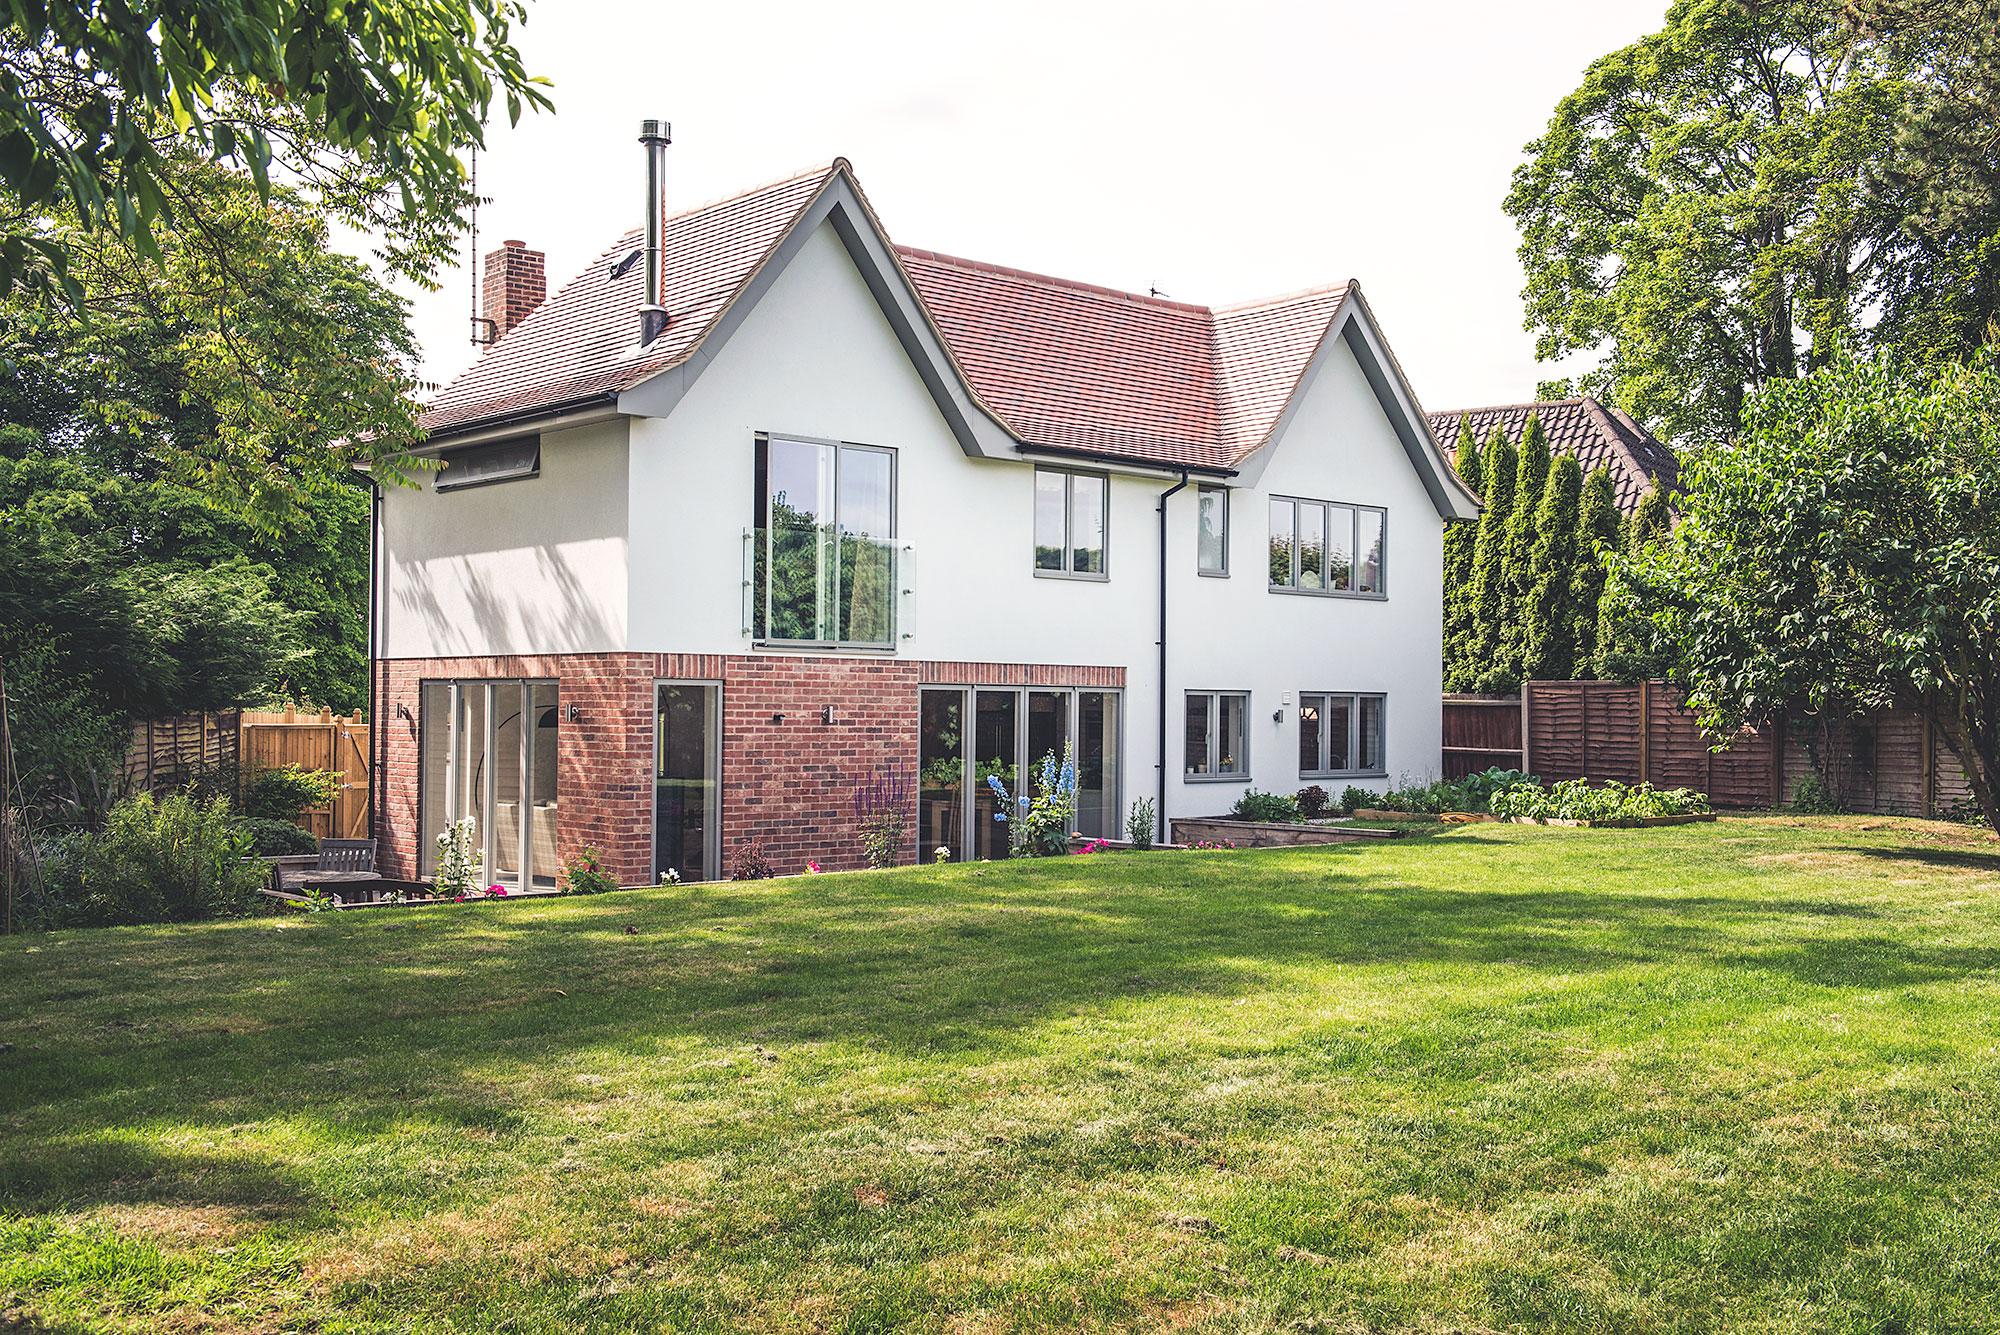 Architectural photography newbury berkshire jawphotography for Home architecture newbury